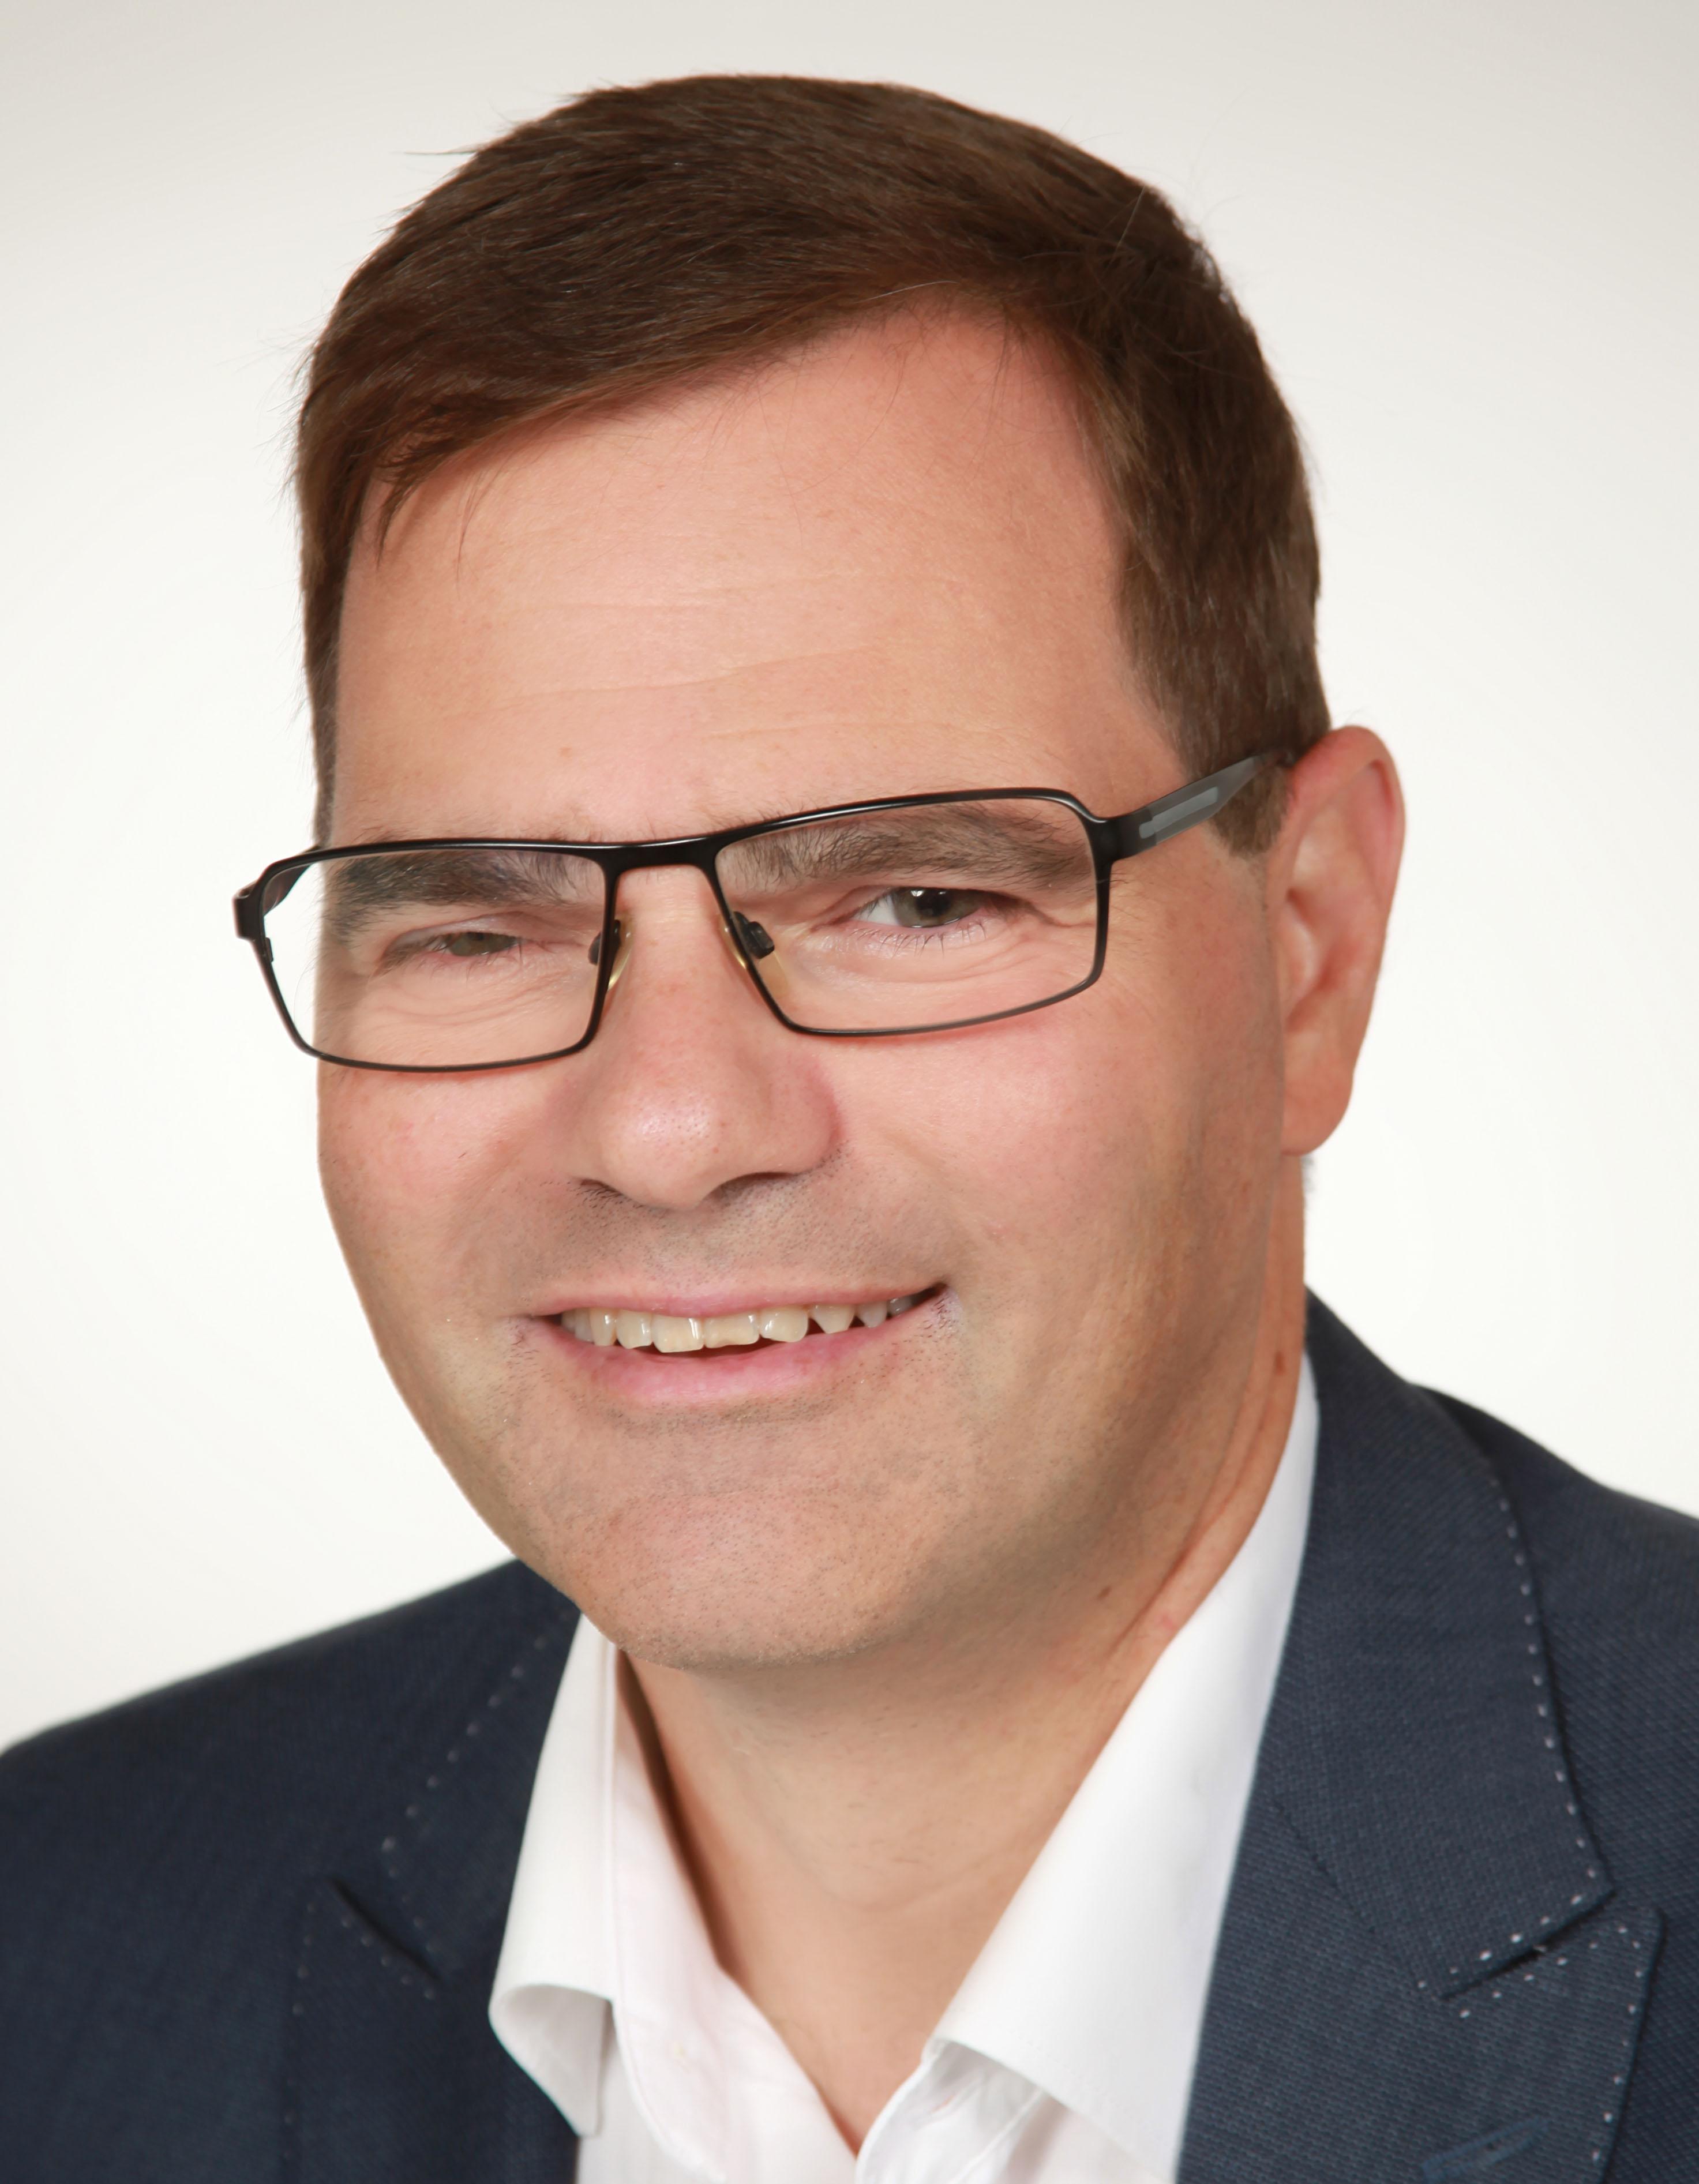 Wolfgang Reis